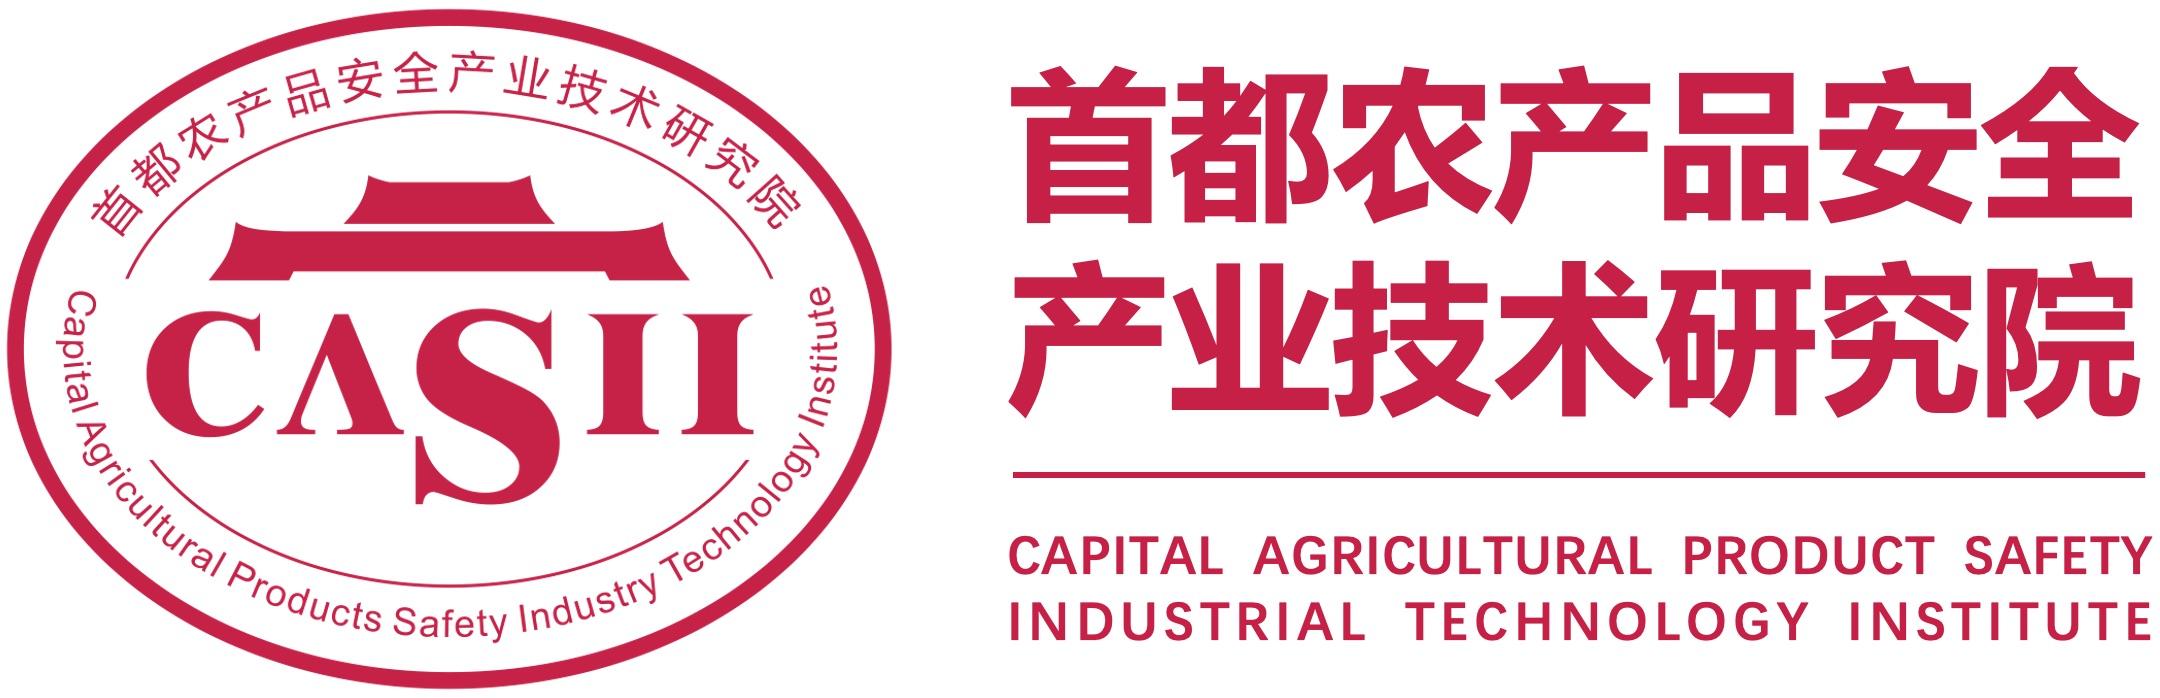 首都农产品安全产业技术研究院